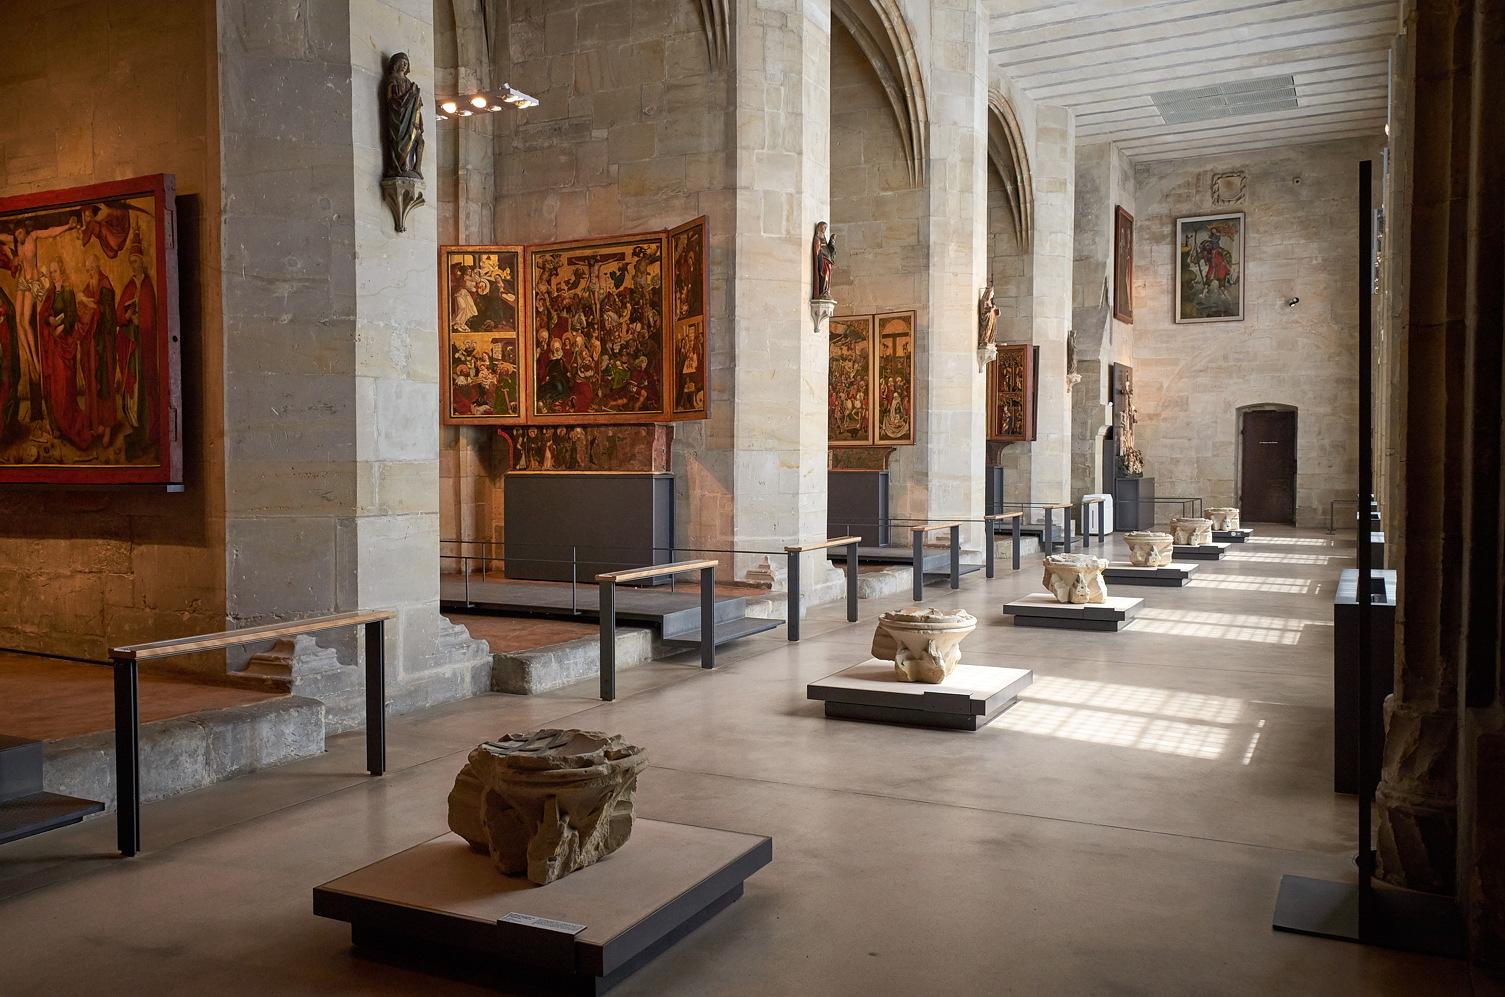 Kapitelsaal in der Domschatzausstellung Halberstadt